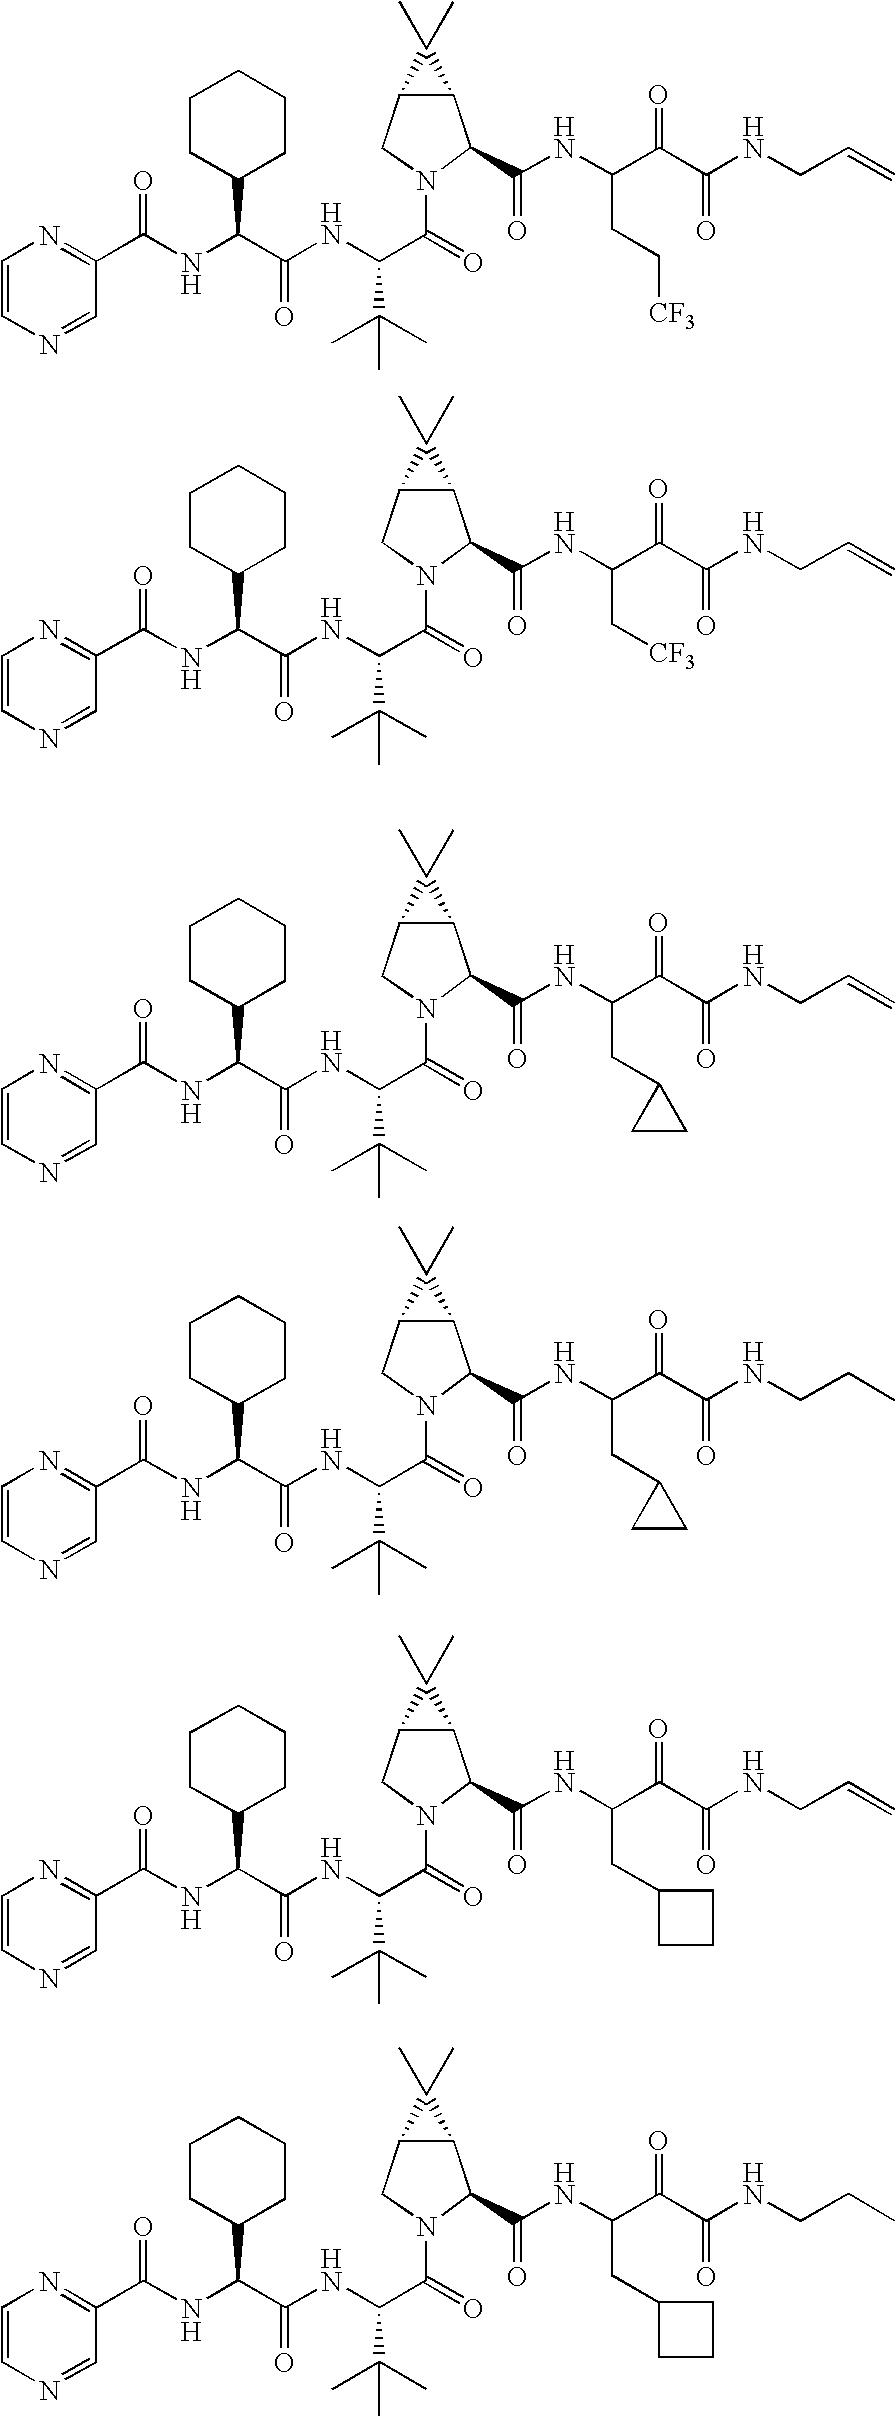 Figure US20060287248A1-20061221-C00482